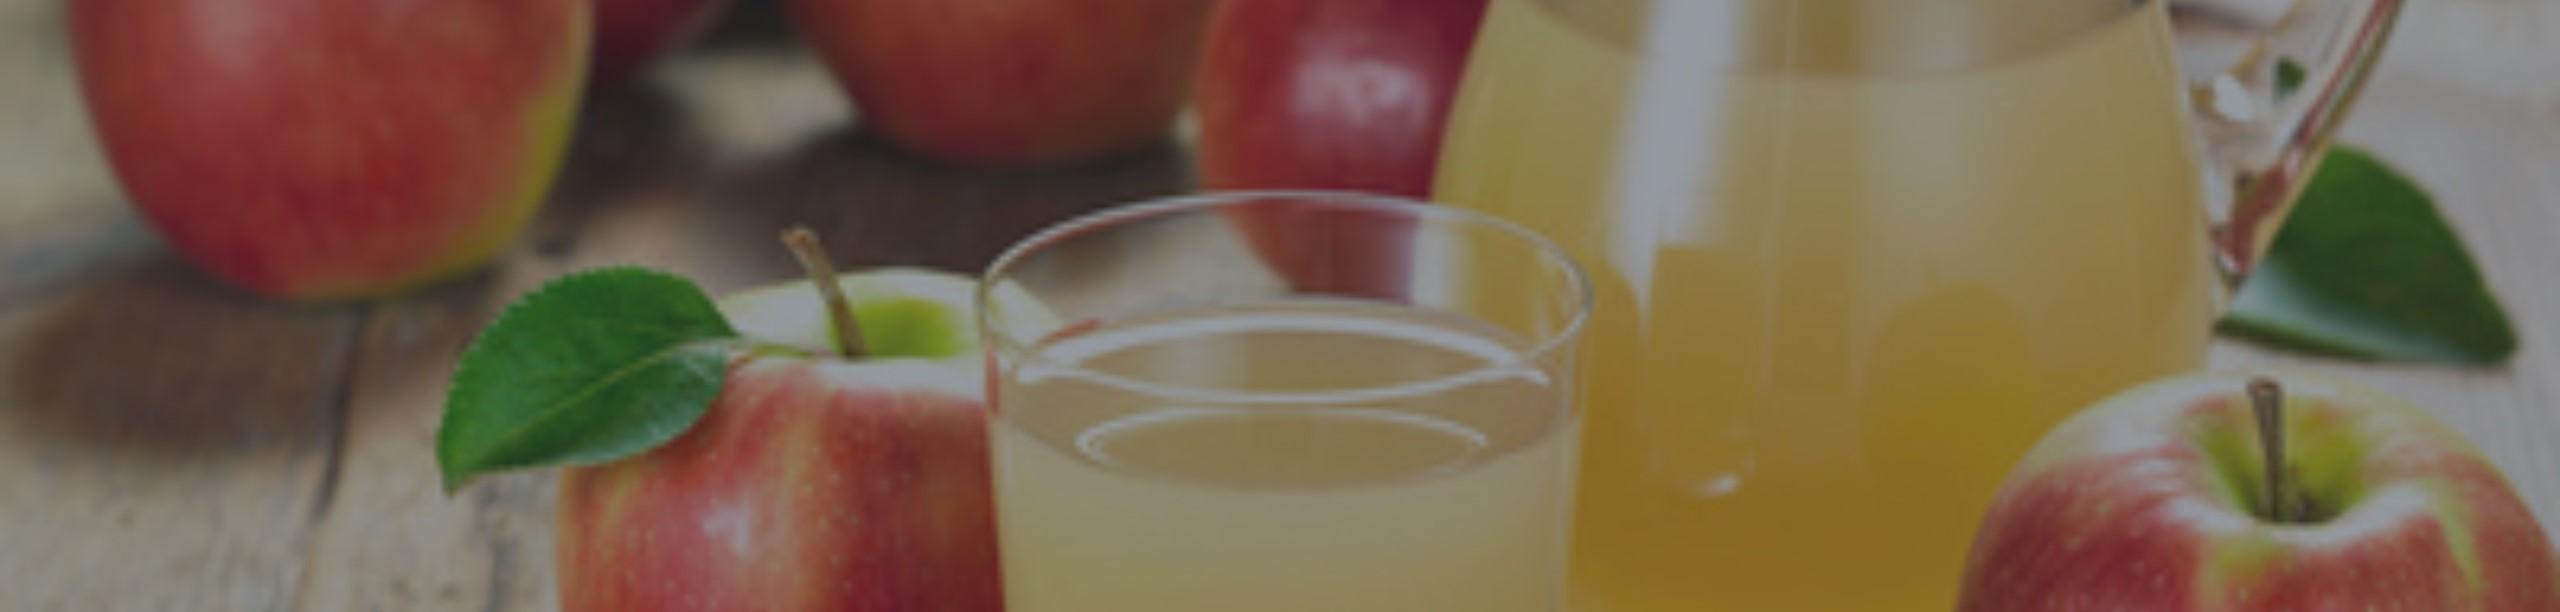 apple juice1-2